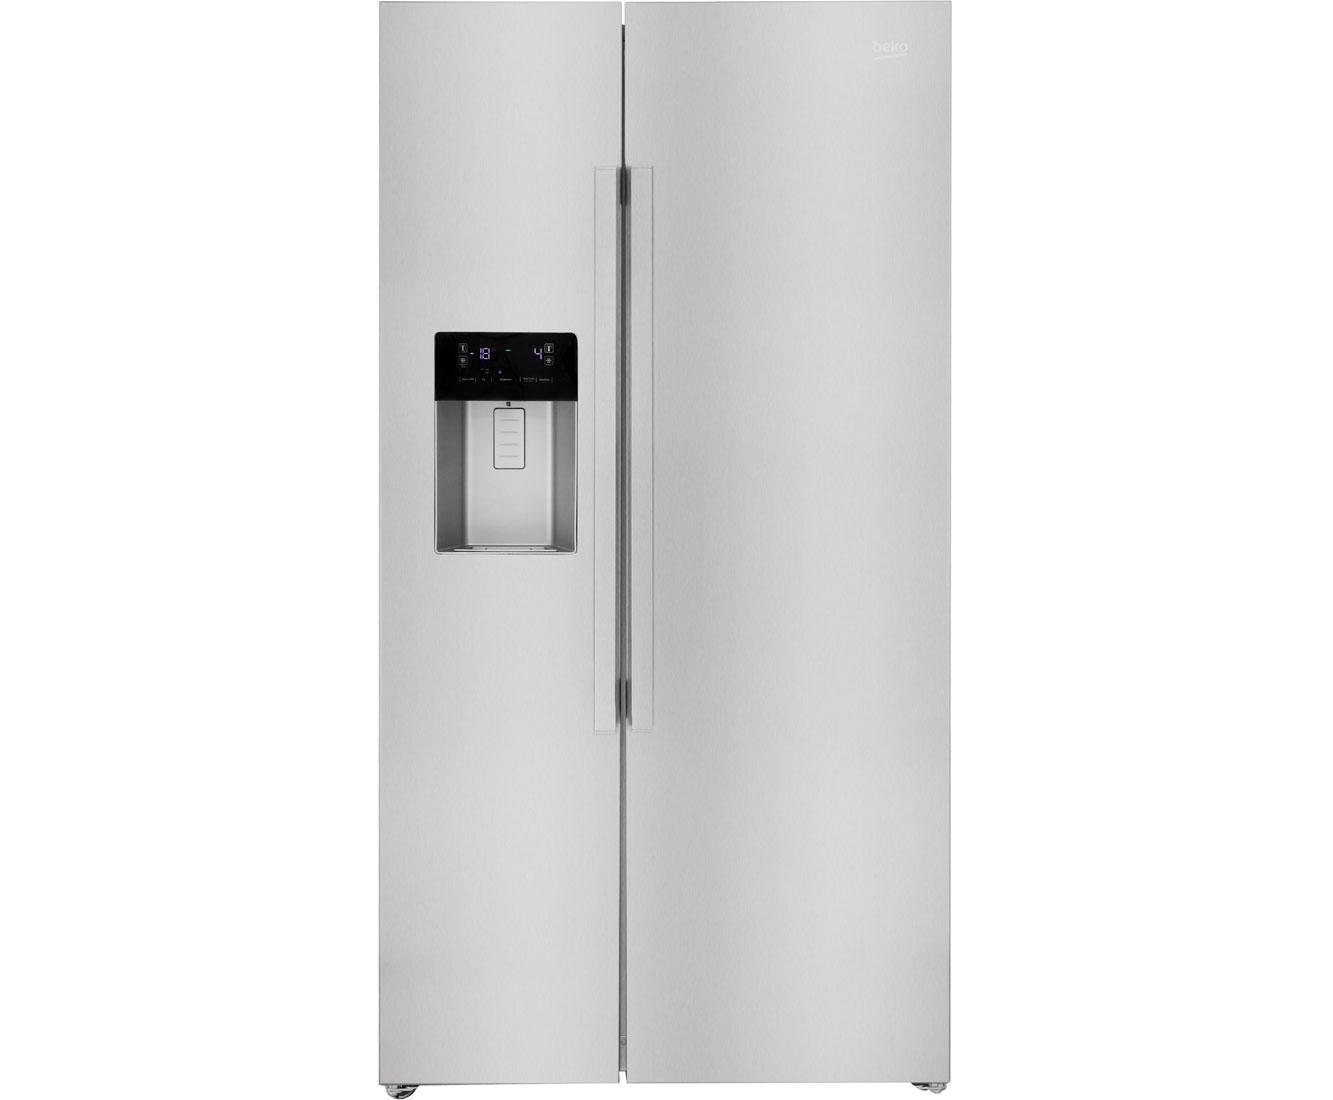 Kitchenaid Kühlschrank Side By Side : Amerikanisch kühlschrank holz einbau ksso ftx kitchenaid